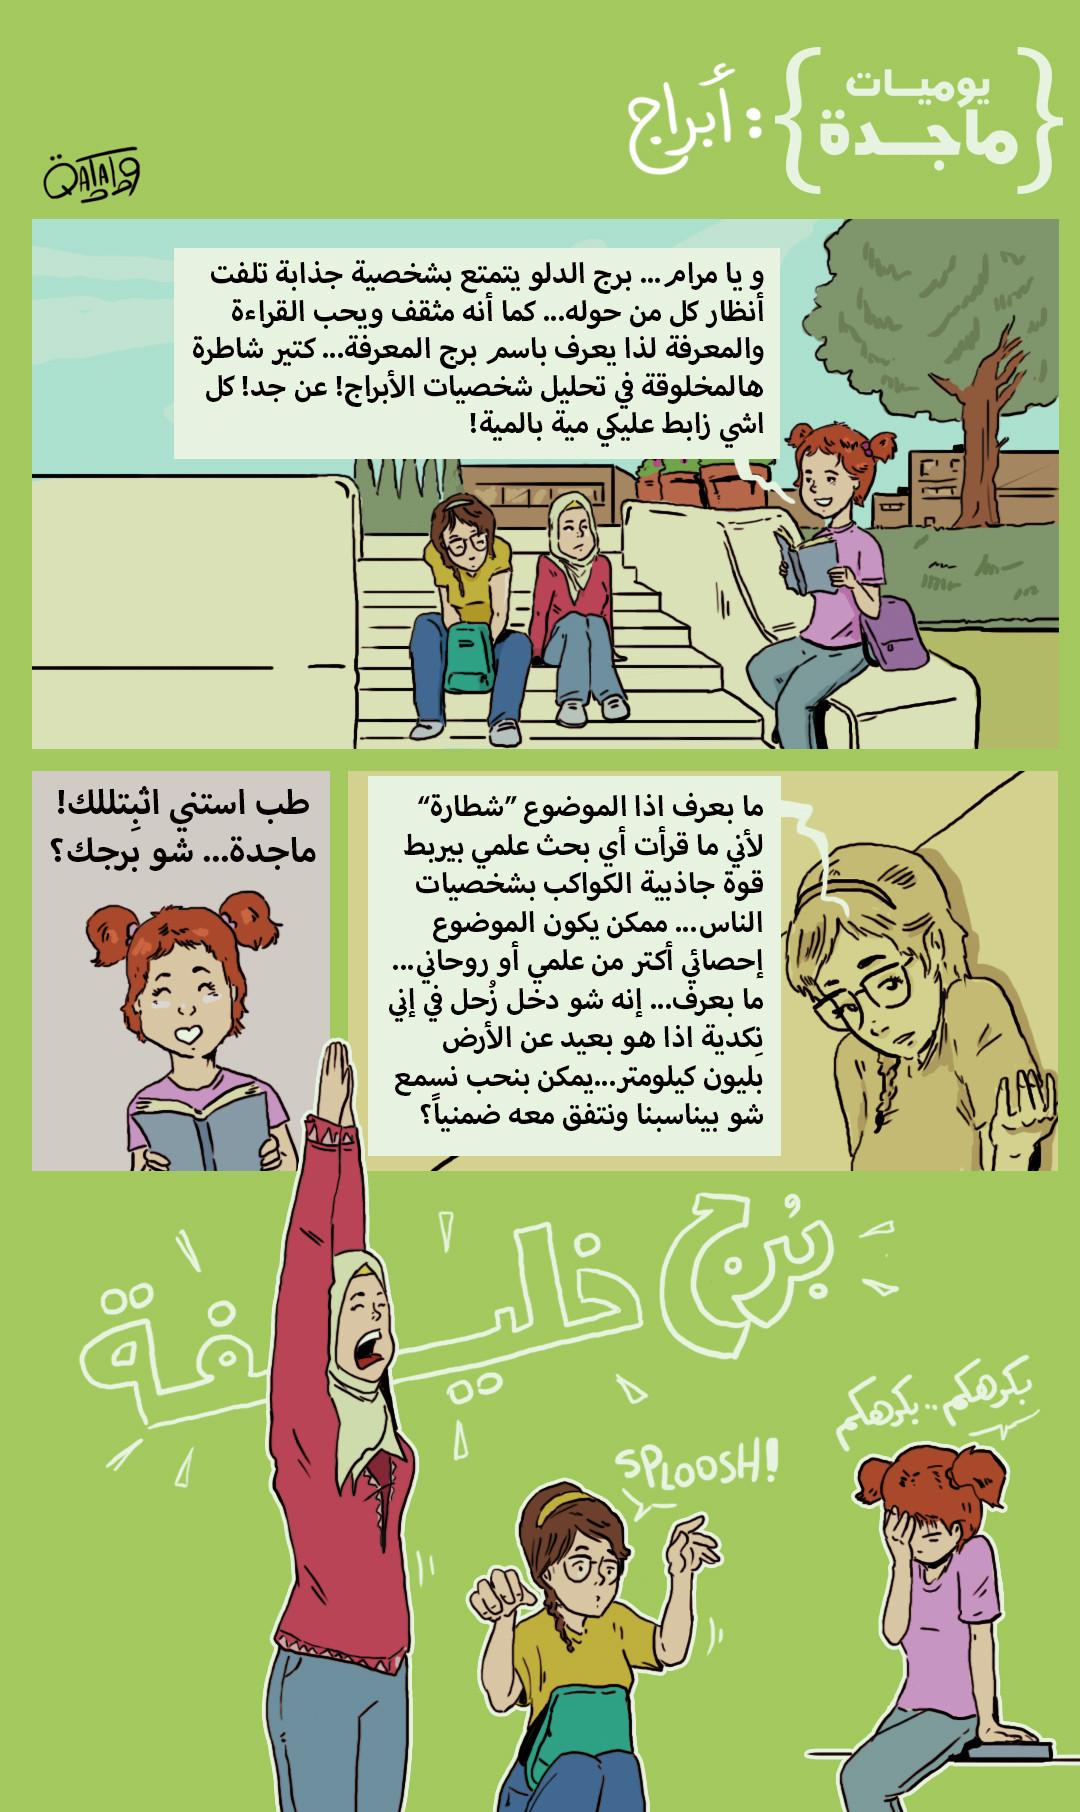 سلسلة رسومات